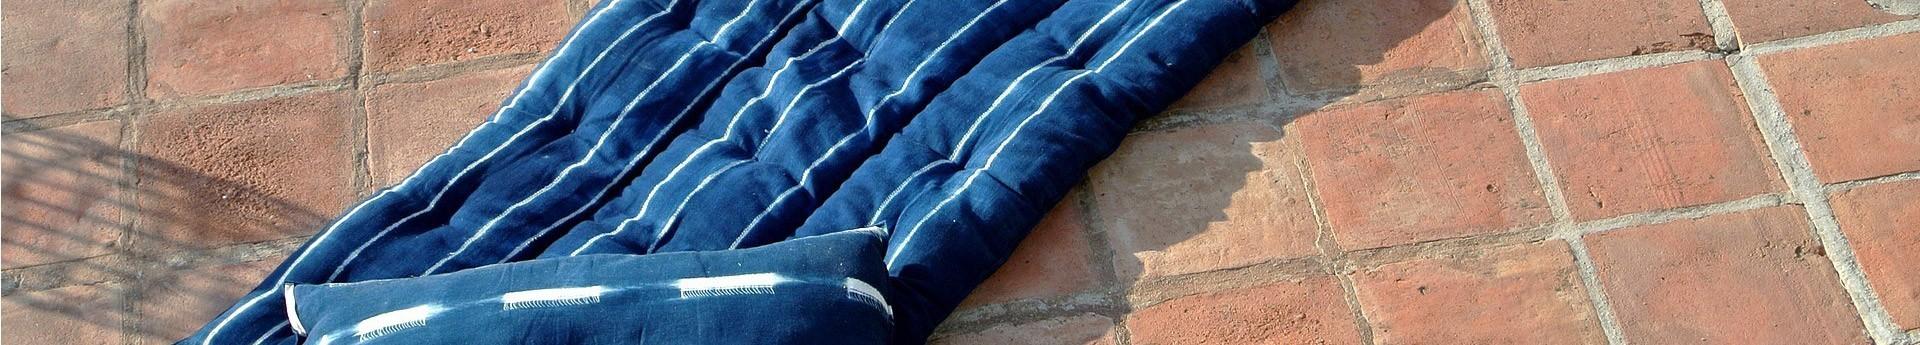 Découvrez la collection de tissus artisanaux tissés à la main By Terre et Métal